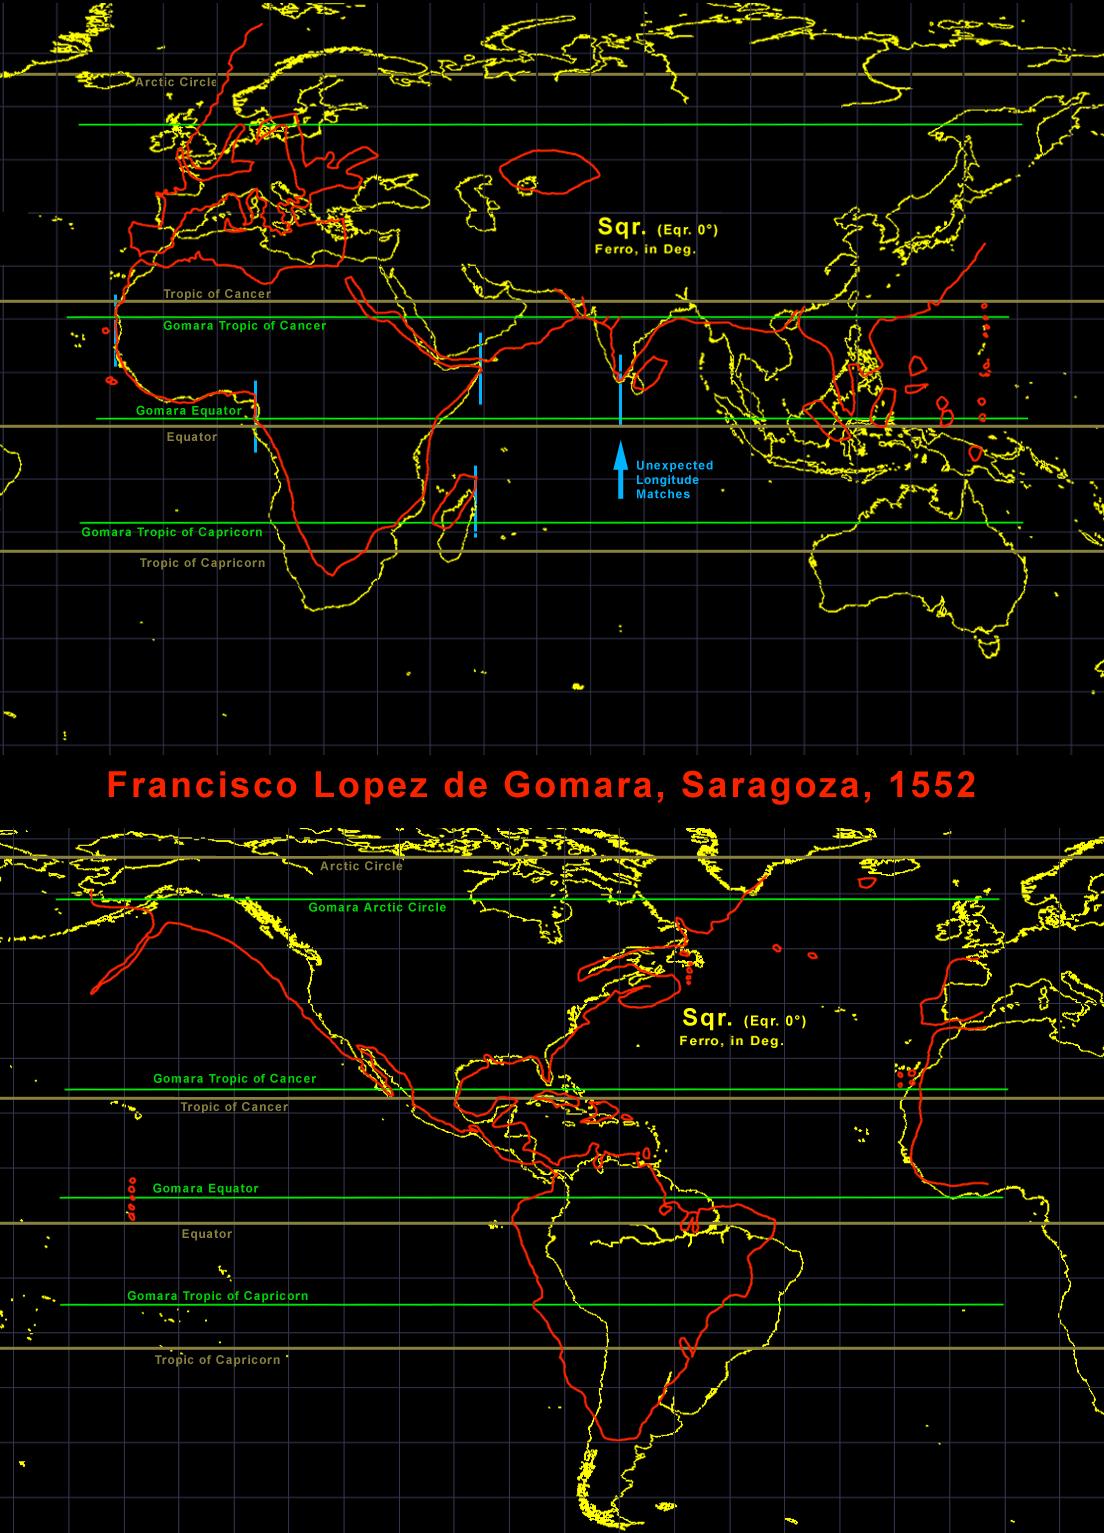 Comparación del mapamundi de López de Gómara con un mapa actual en proyección cilíndrica. Autor: Portolanero.